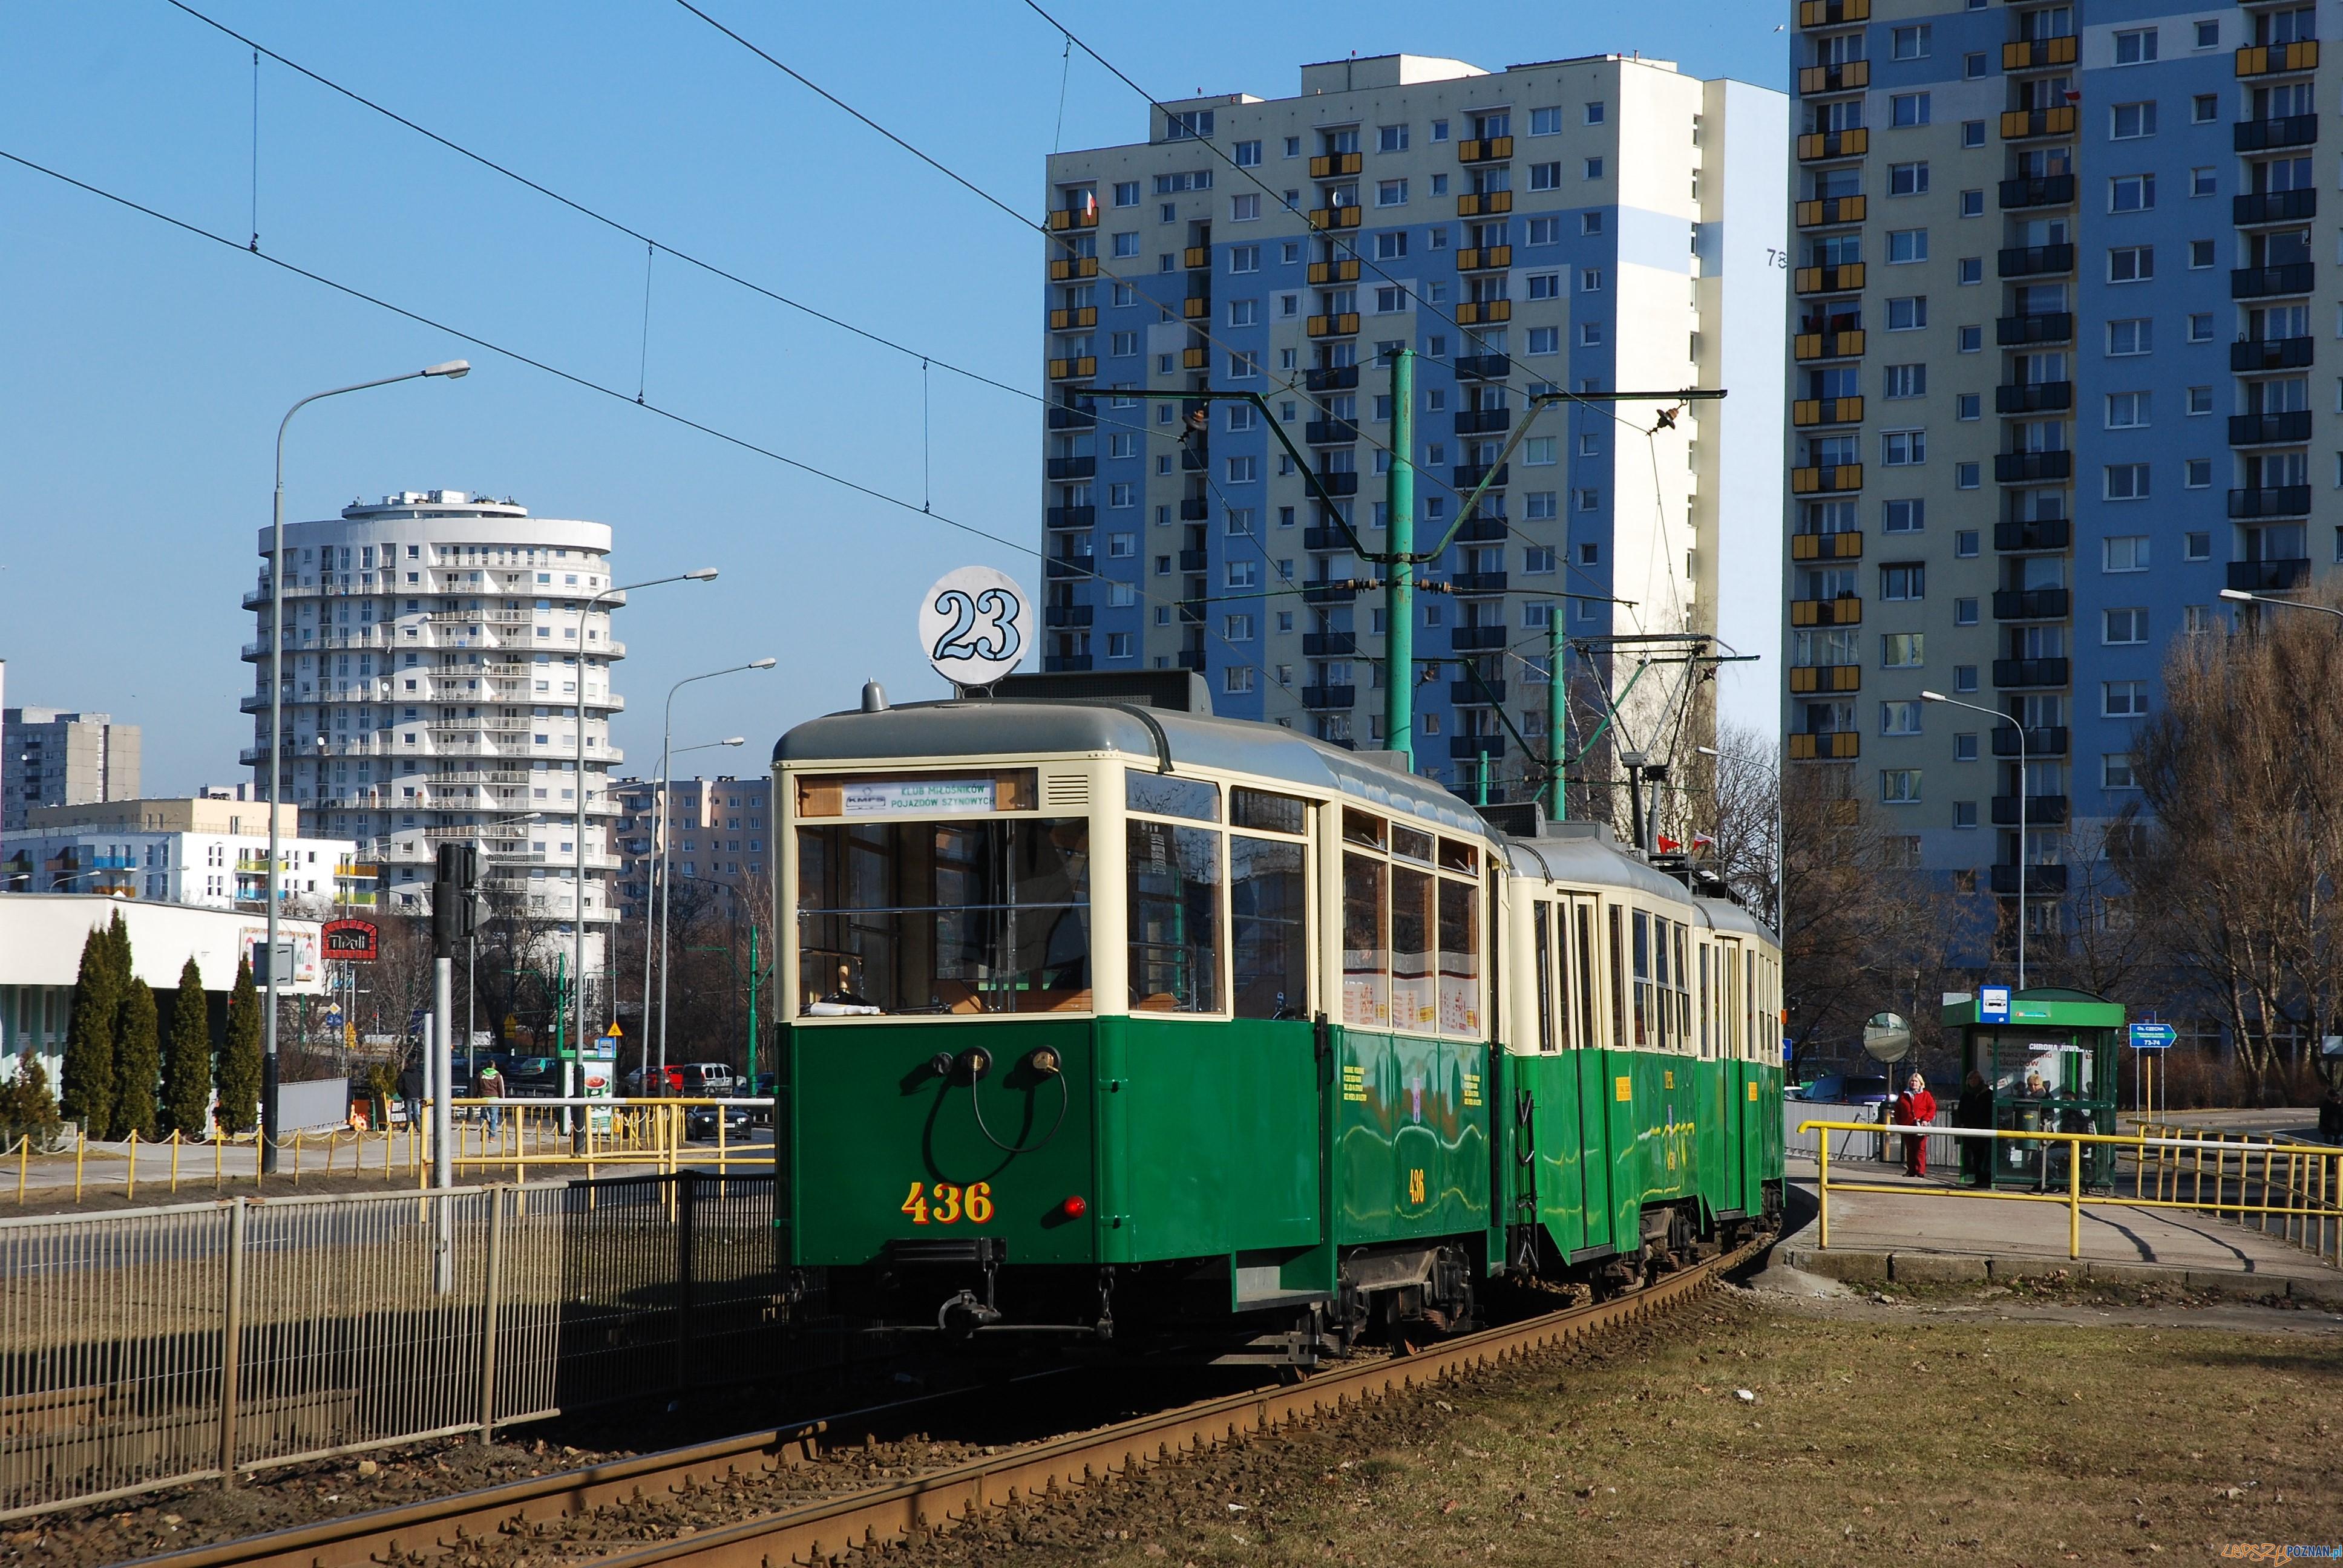 tramwaj-linii-nr-23-na-trasie-Gornego-Tarasu-Rataj-w-2014-roku  Foto: materiły prasowe